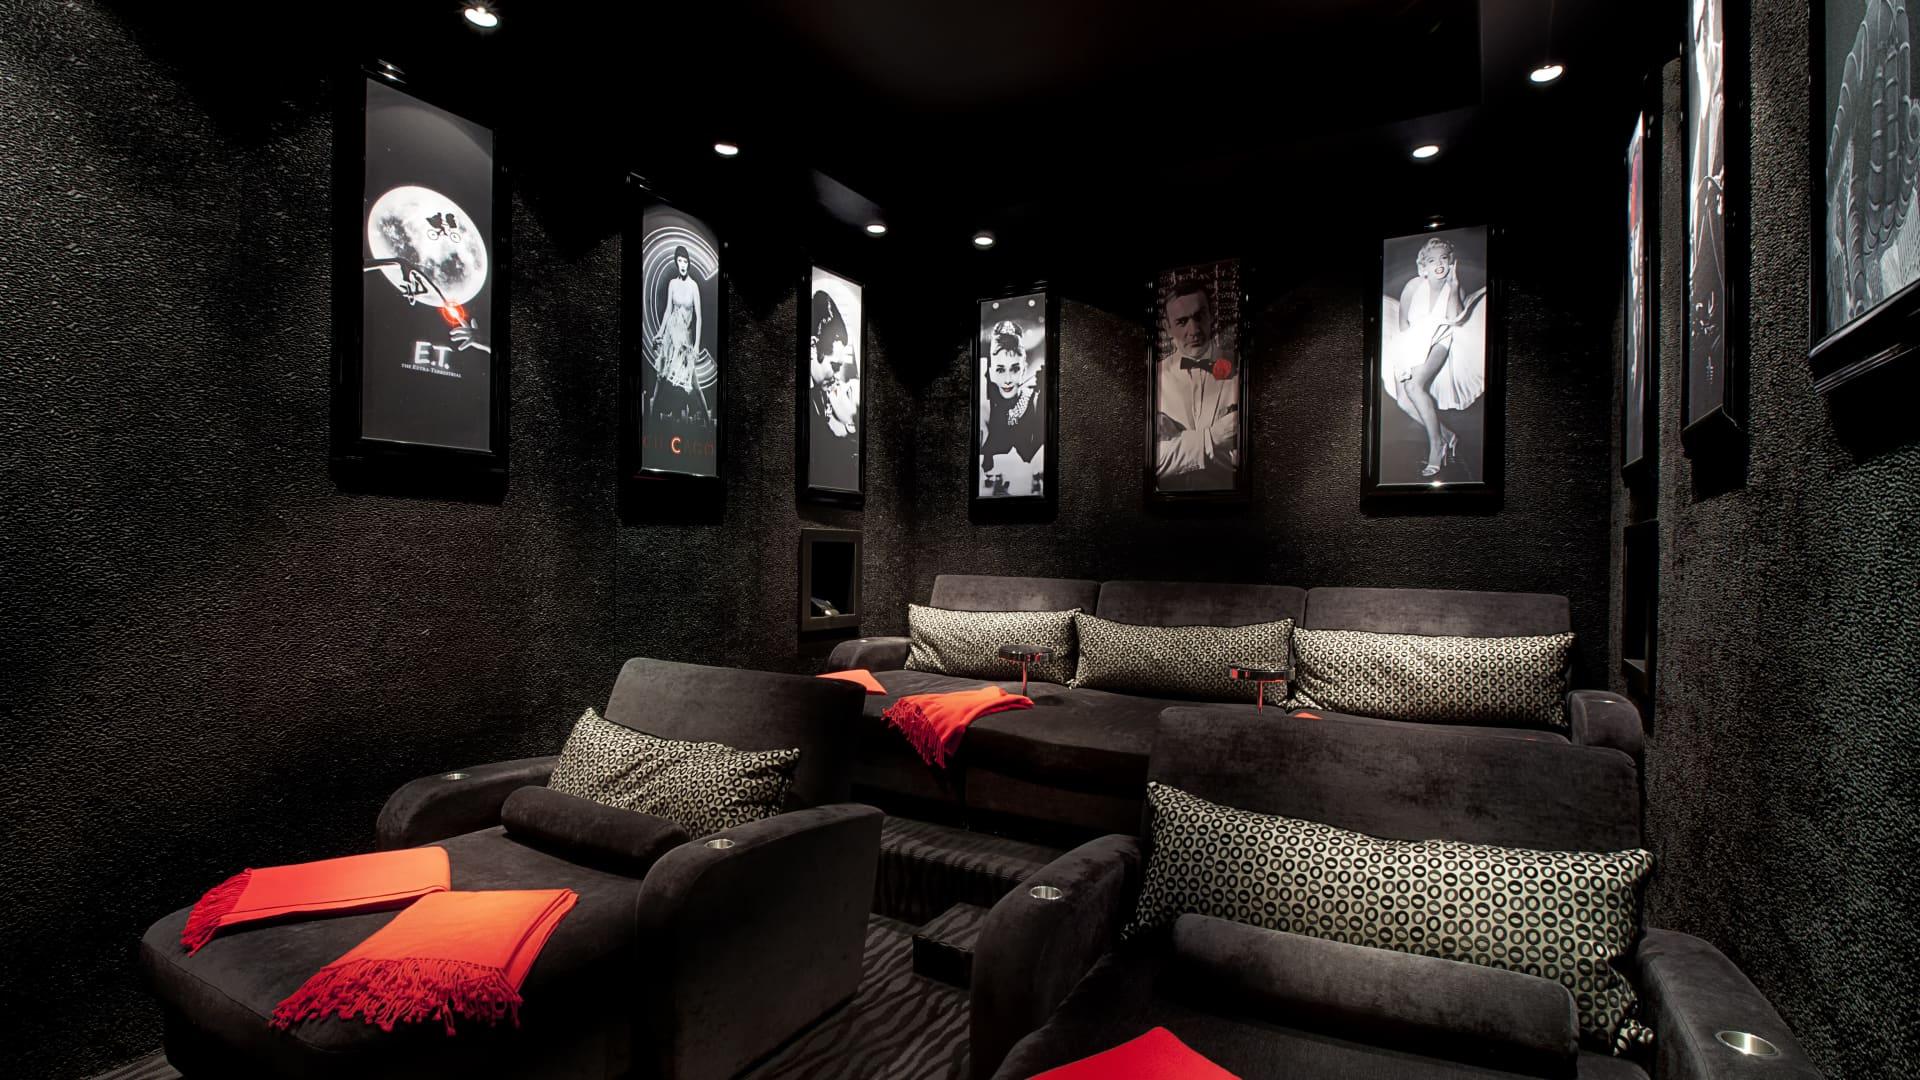 Villa Magnolia has a cinema with walls lined in black alpaca fleece.